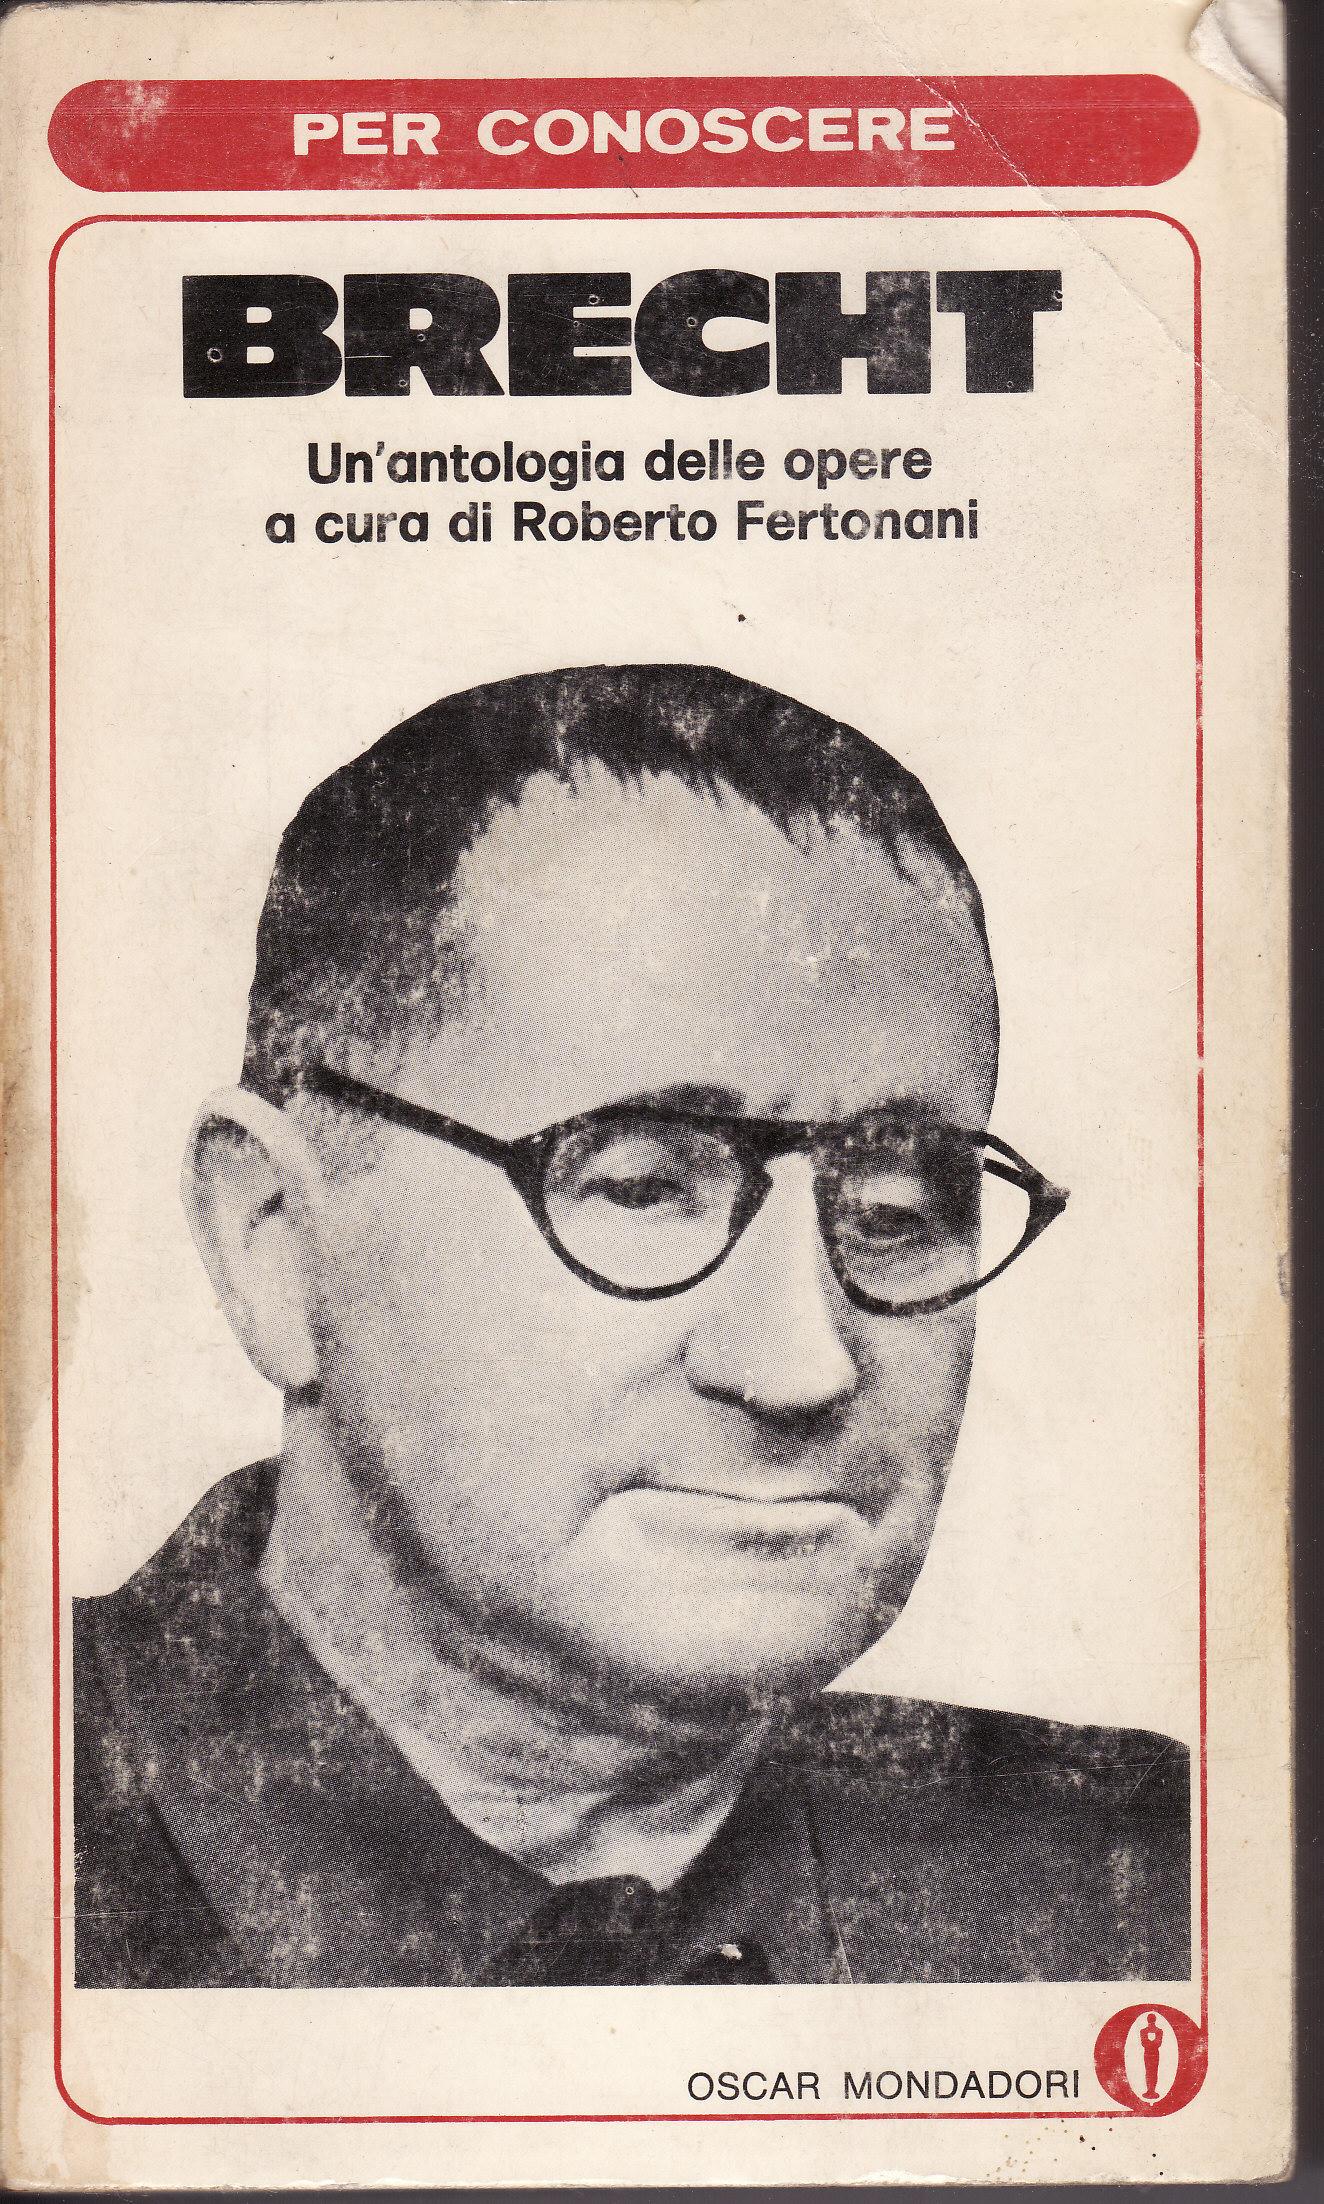 Per conoscere Brecht